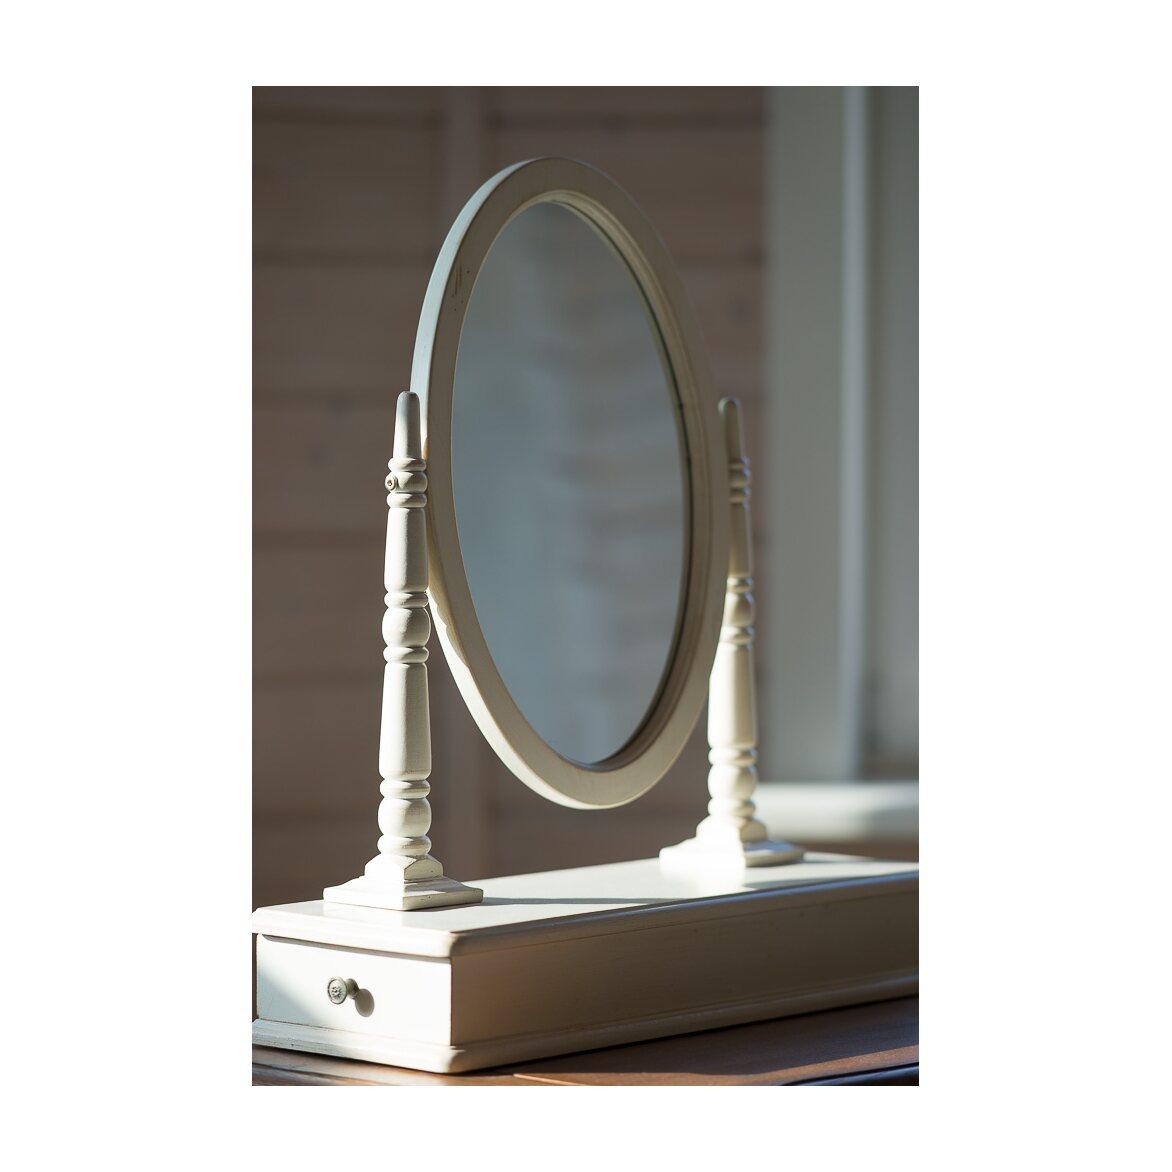 Туалетный столик с овальным зеркалом Leontina, бежевого цвета 4   Туалетные столики Kingsby